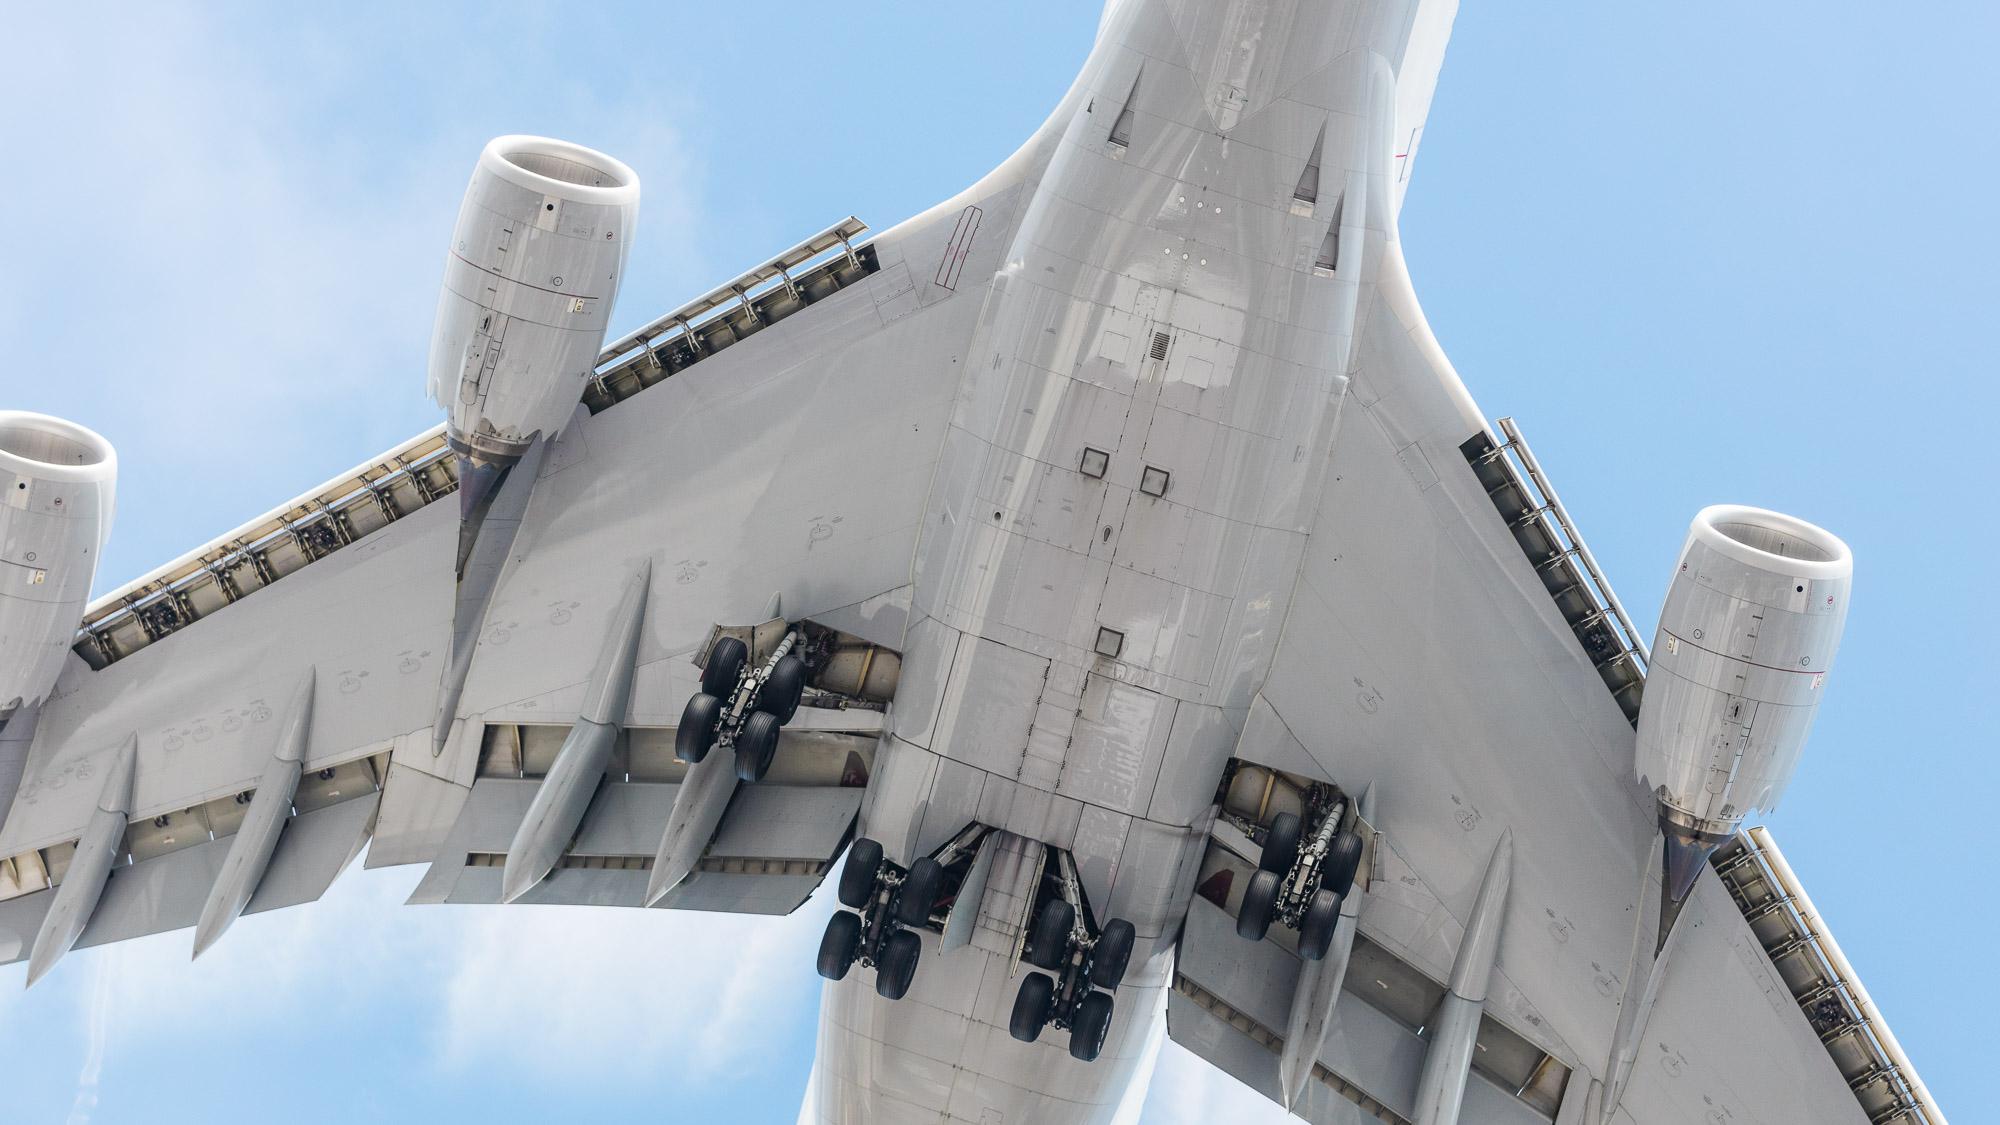 mike-kelley-final-approach-aviation-11.jpg